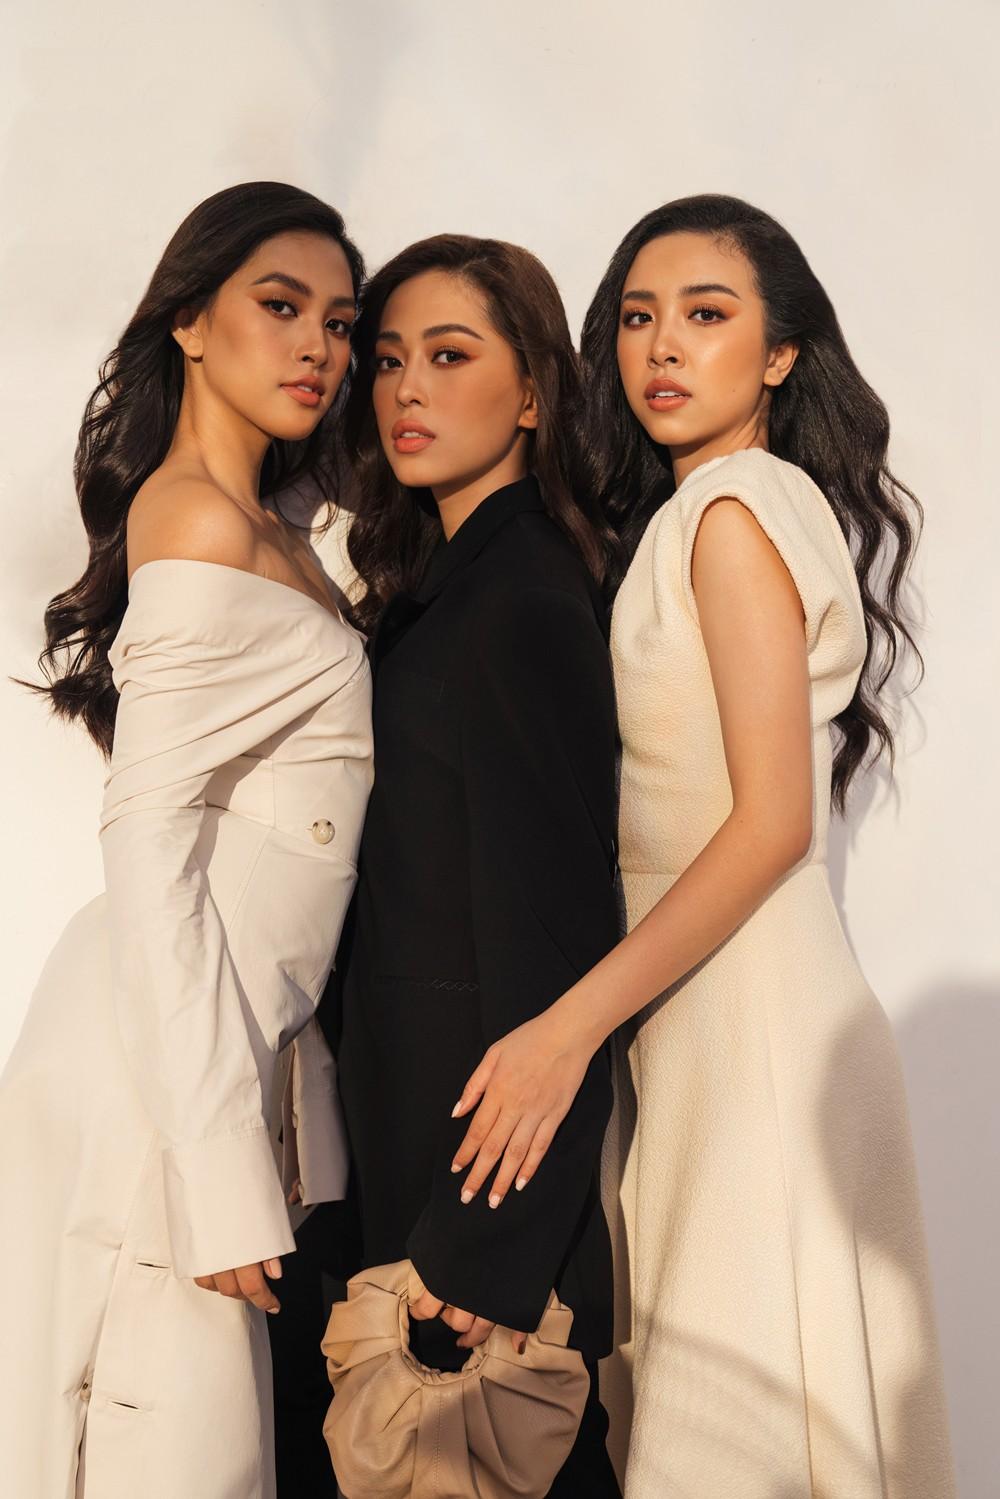 Cách đây một năm, cuộc thi Hoa hậu Việt Nam 2018 dừng lại với kết quả chung cuộc tìm ra 3 người đẹp xuất sắc nhất với ngôi vị Hoa hậu Trần Tiểu Vy, Á hậu 1 Bùi Phương Nga và Á hậu 2 Nguyễn Thị Thúy An.